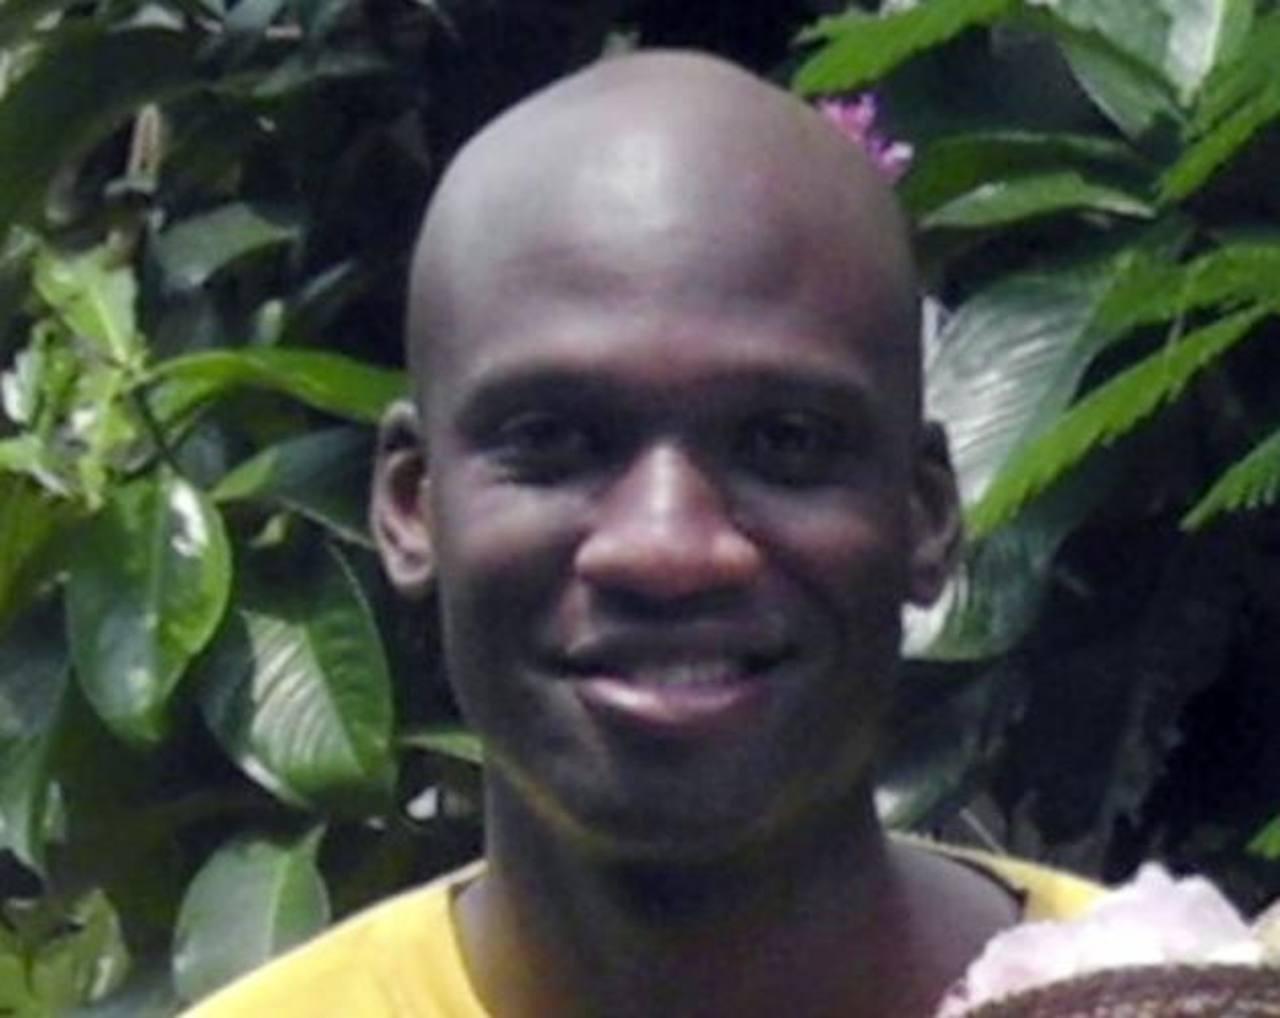 Aaron Alexis, de 34 años de edad, fue identificado por las autoridades como la persona que habría perpetrado el ataque armado que dejó 12 muertos, incluyéndolo. Foto/ AP